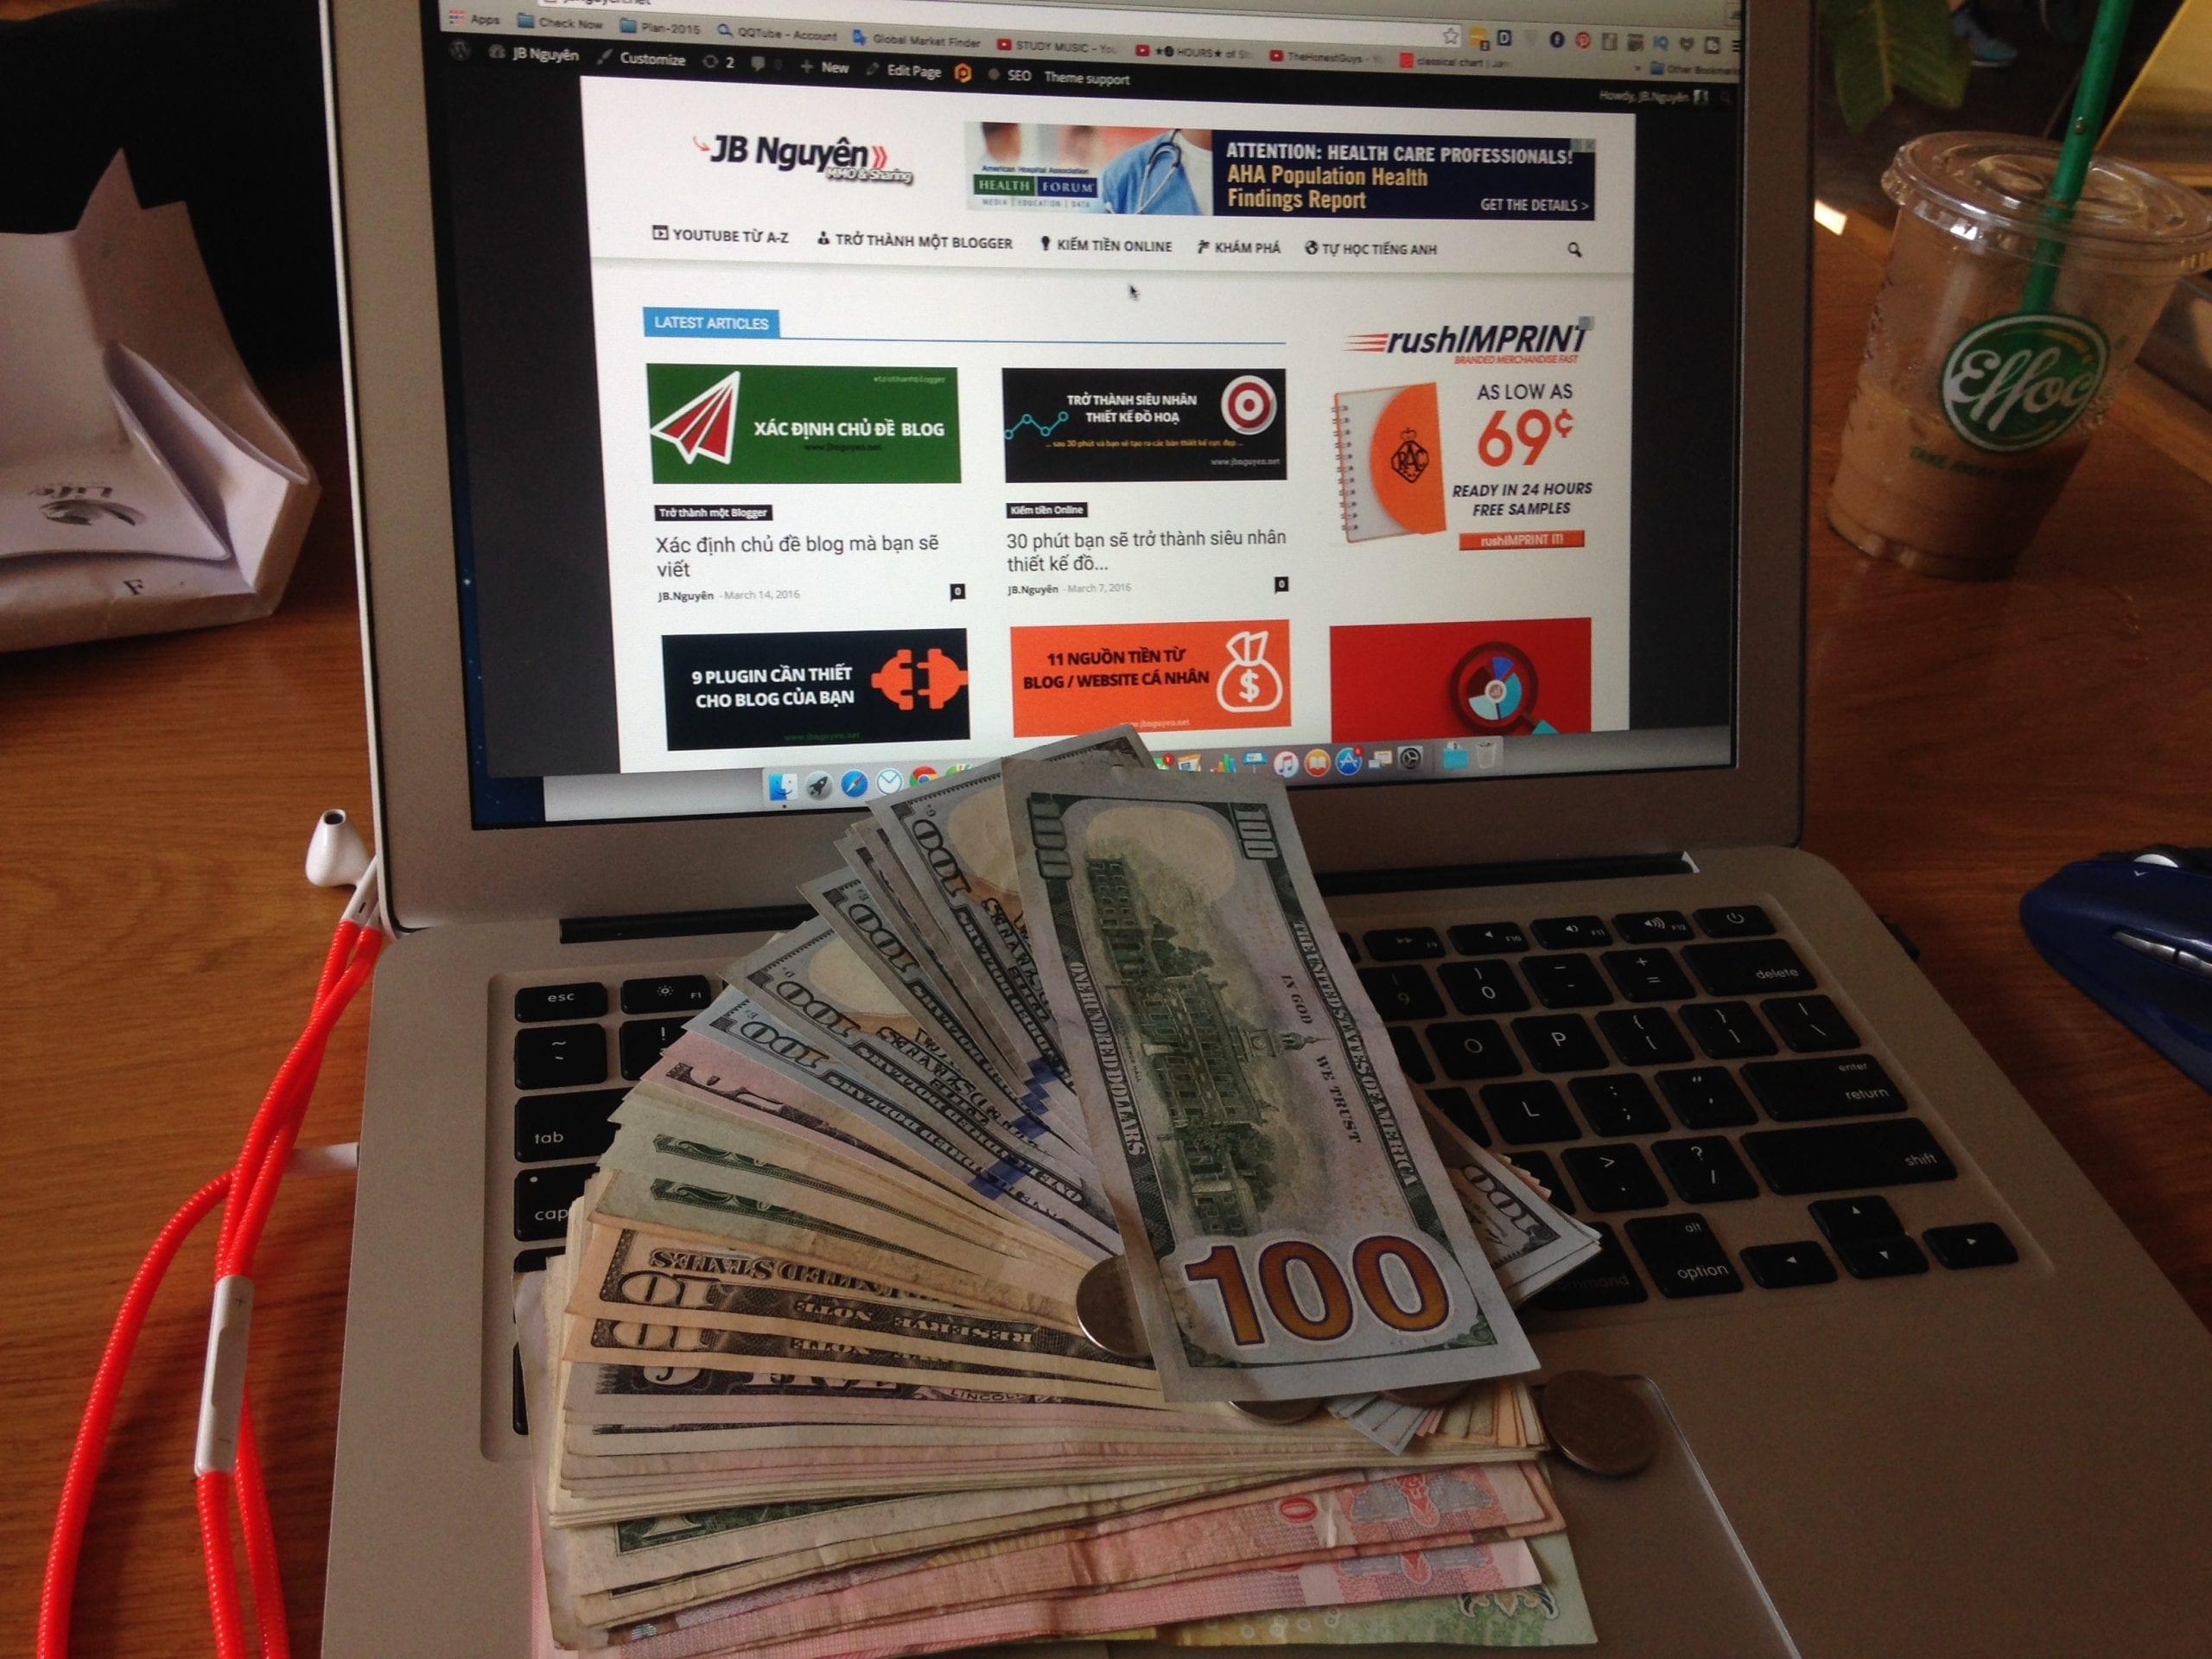 kiếm tiền trên mạng với affiliate kiếm tiền trên mạng